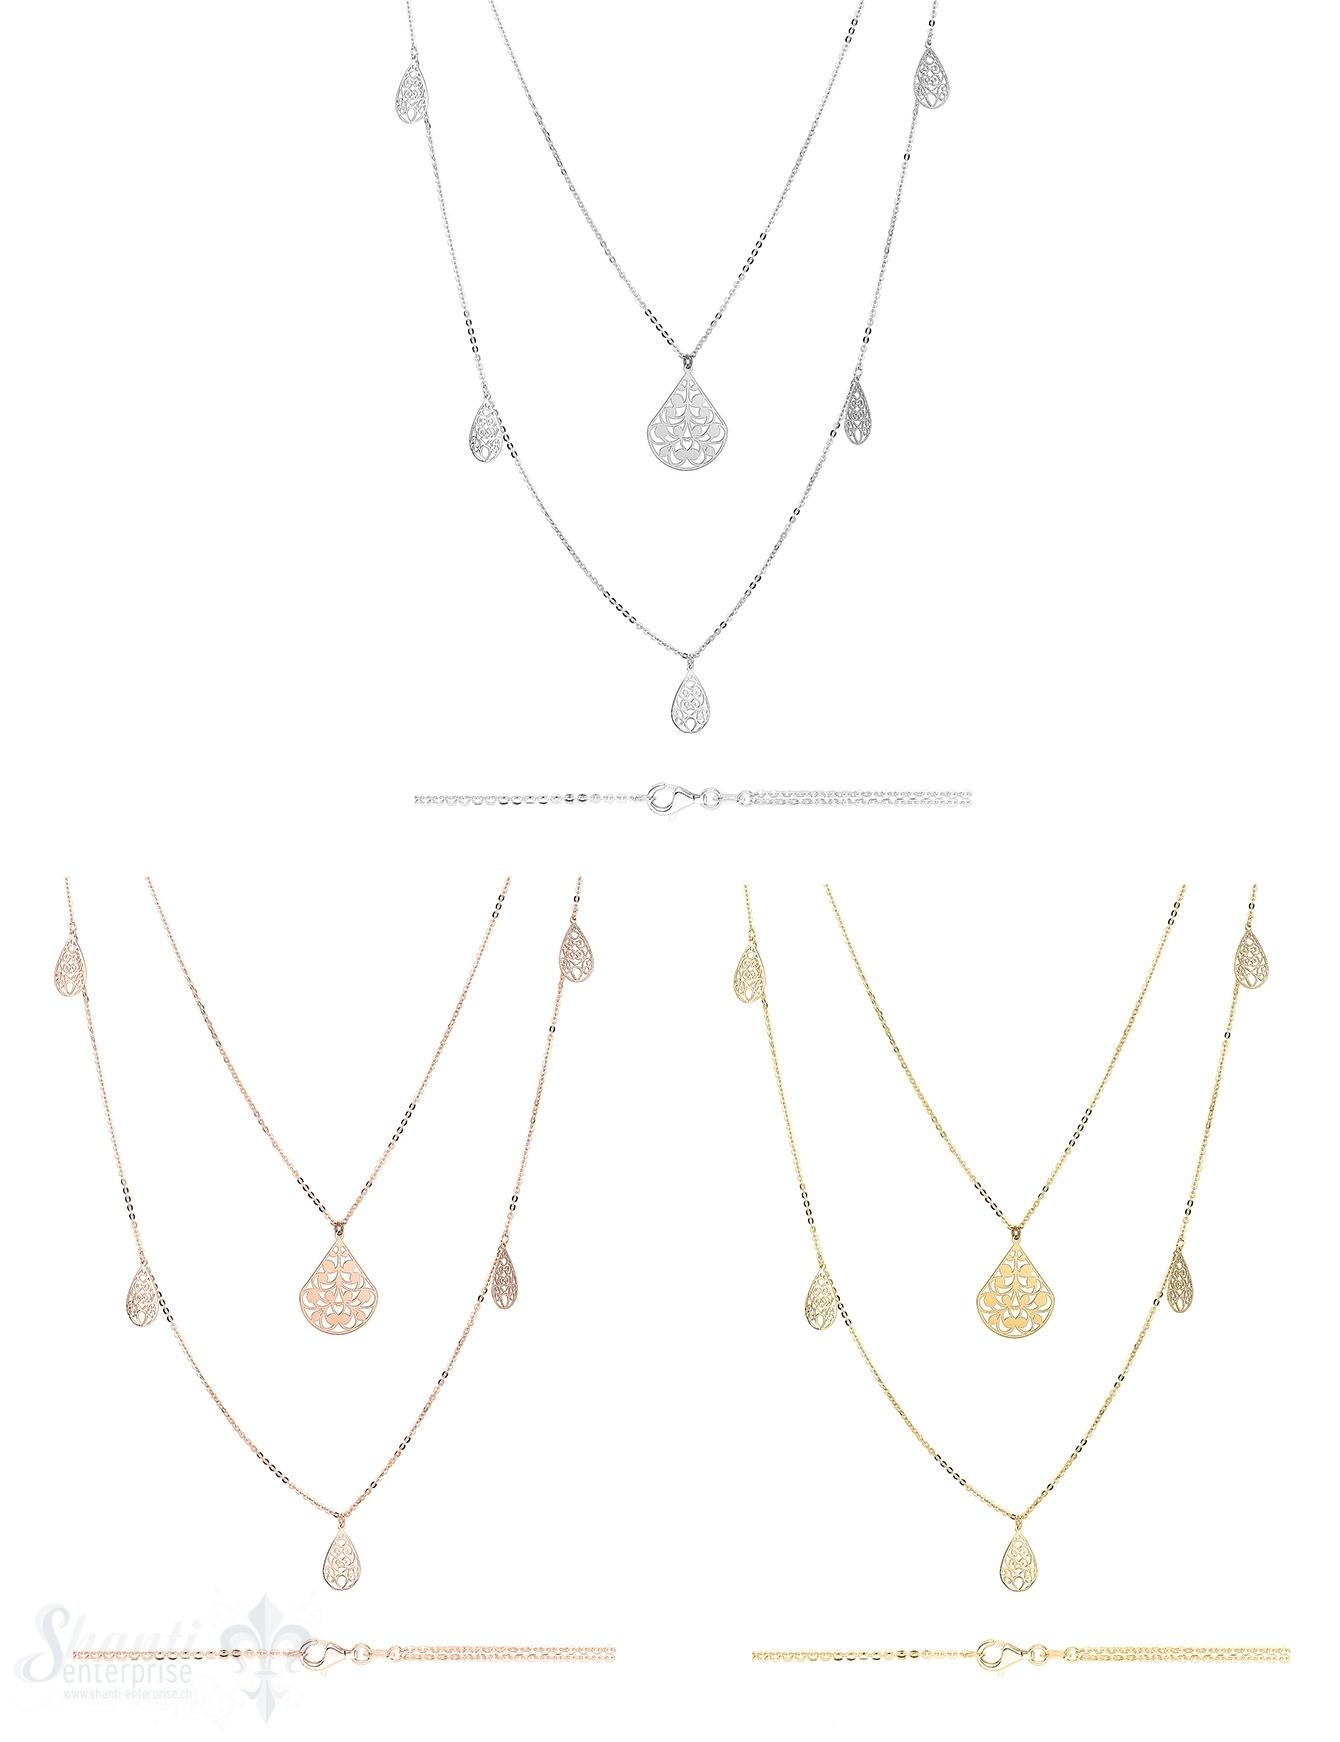 Si-Halskette:Anker fein facett. in 65 cm Kette ein Tropfen gemustert fein, 80 cm Kette 5 Tropfen ge- mustert unten verteilt